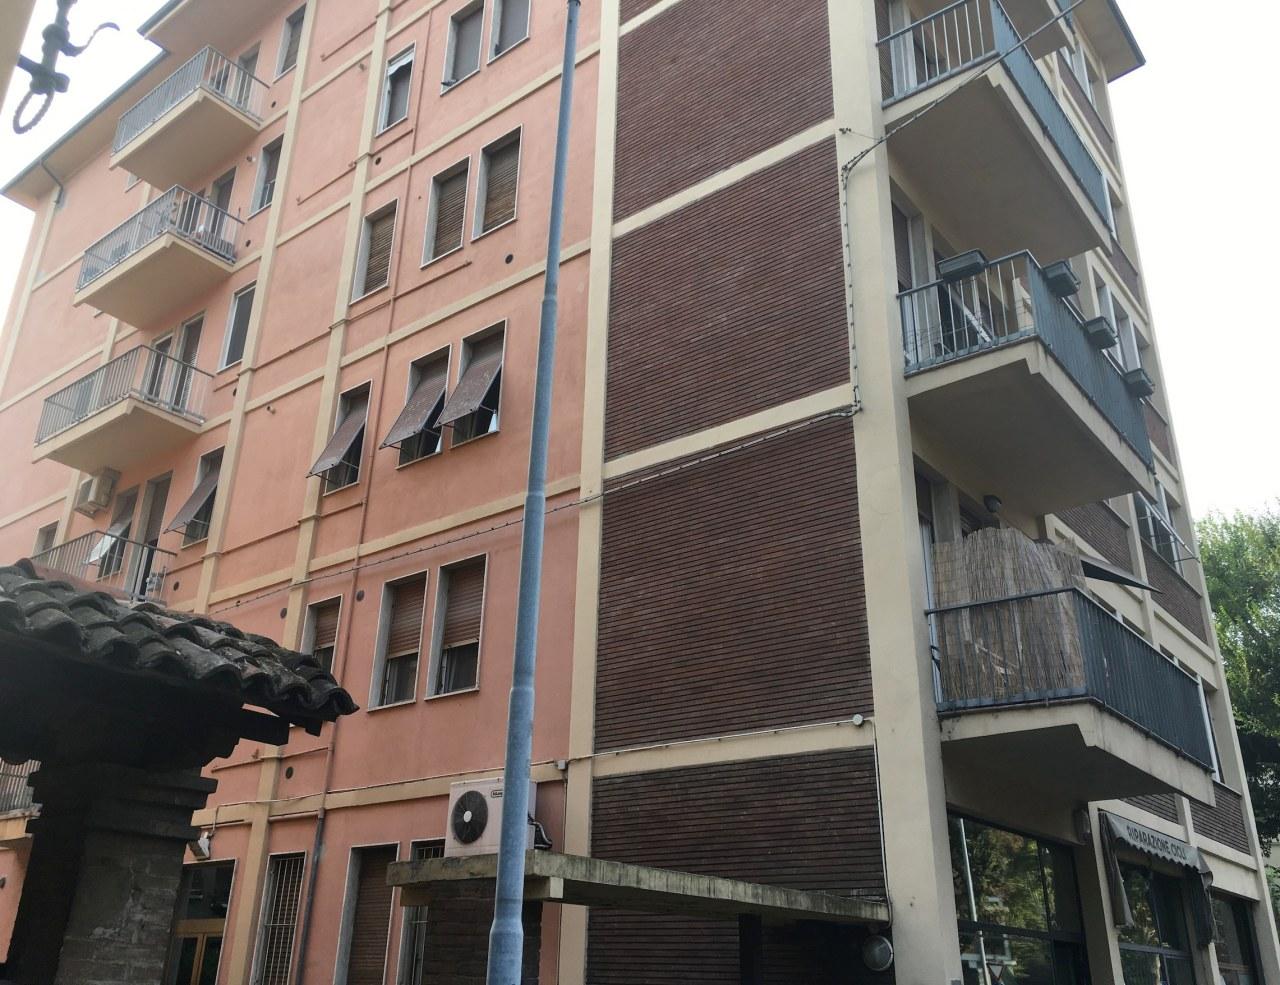 Appartamento in vendita a Parma, 3 locali, prezzo € 90.000 | CambioCasa.it